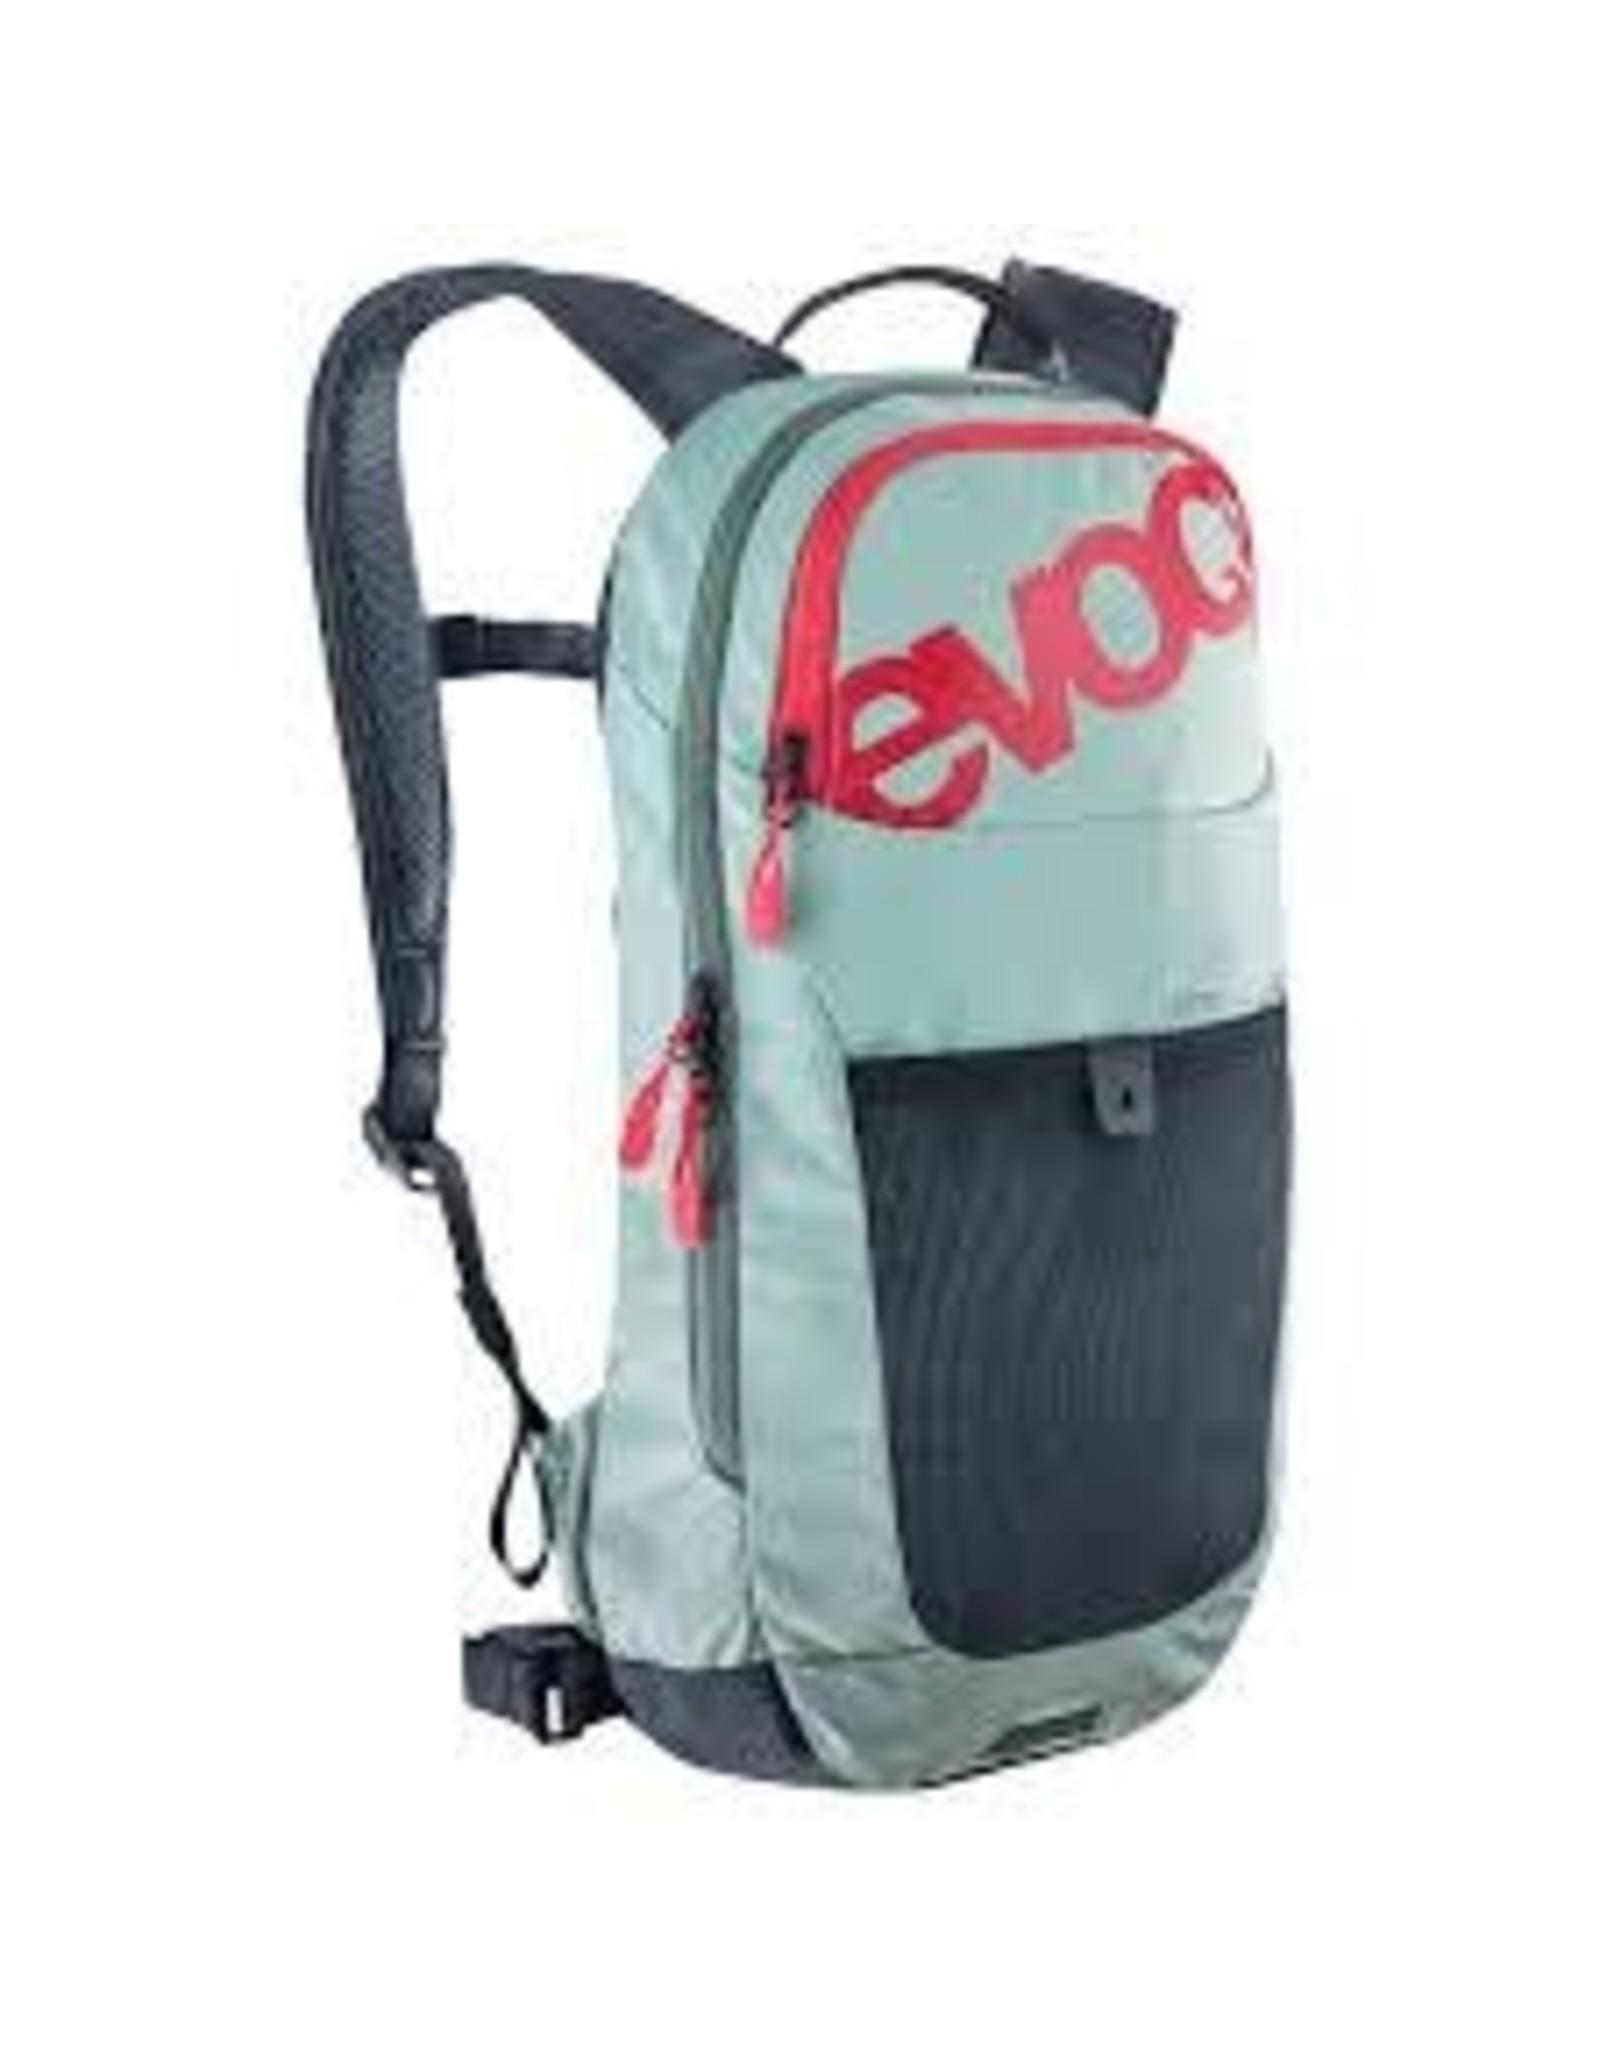 EVOC EVOC Joyride 4L Pack